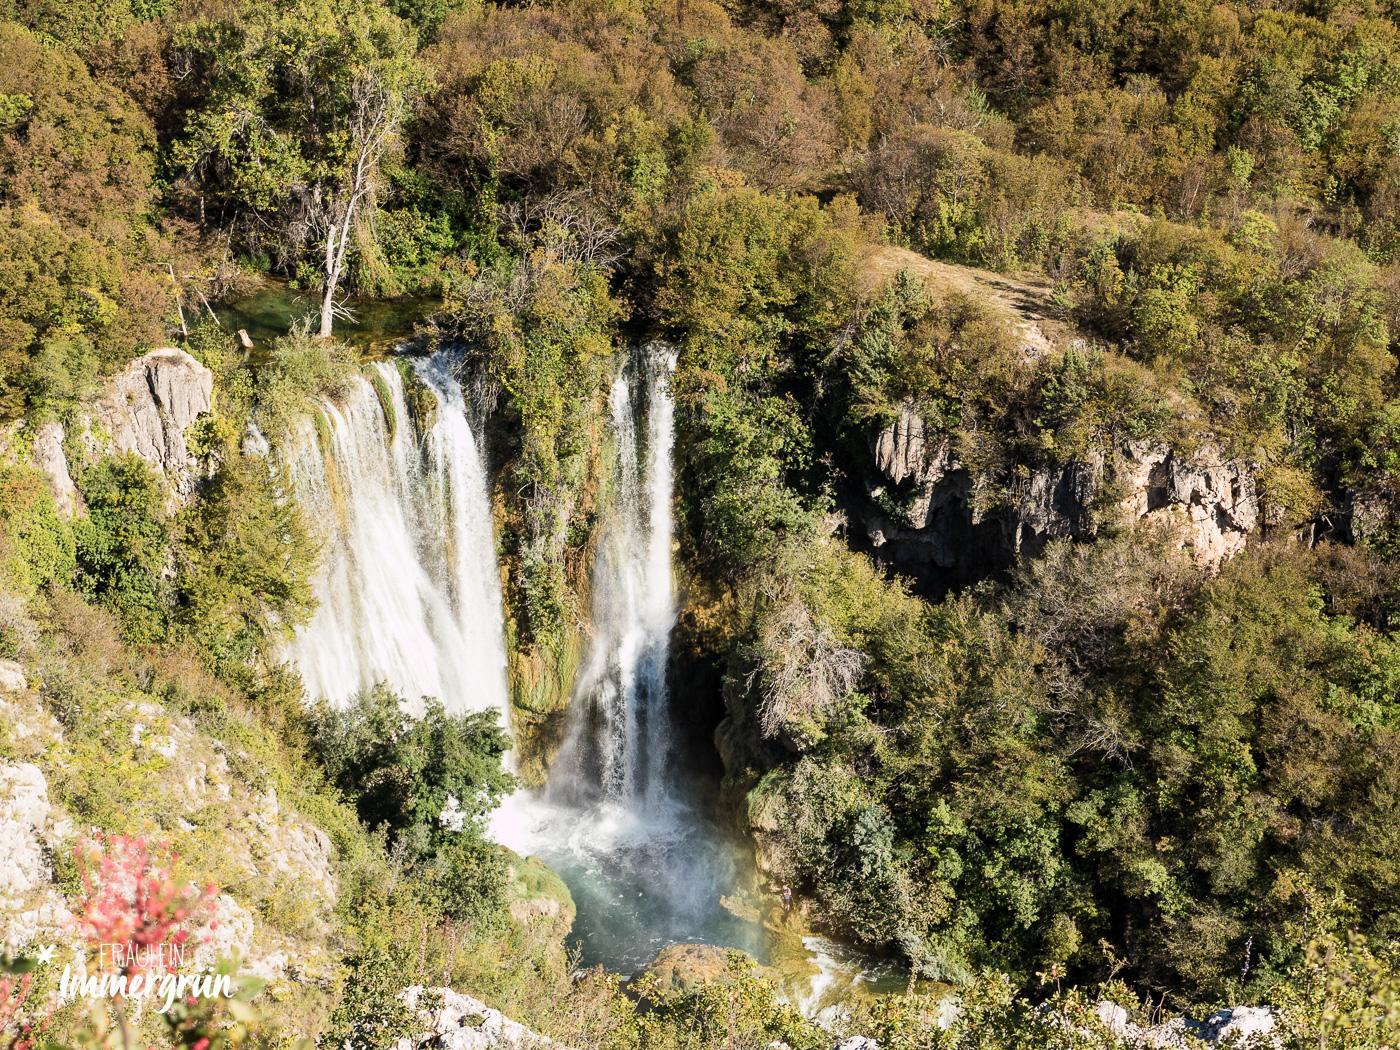 Dalmatien in Kroatien: Urlaub an der dalmatinischen Küste in der Nebensaison – Nationalpark Krka Burnum / Manojlovac Wasserfälle